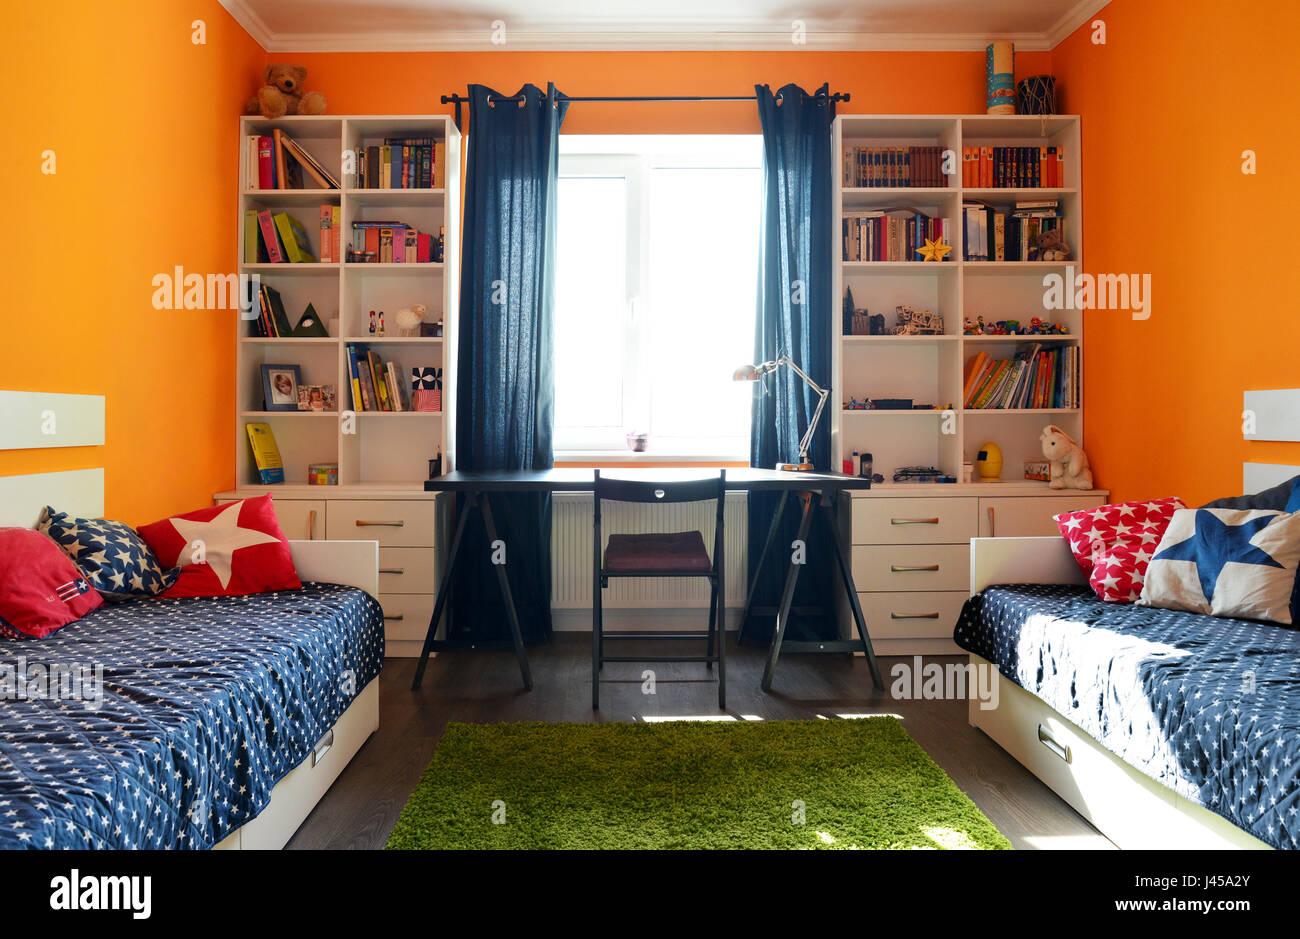 Kinderzimmer mit zwei Betten und Regale in orange und blau ...